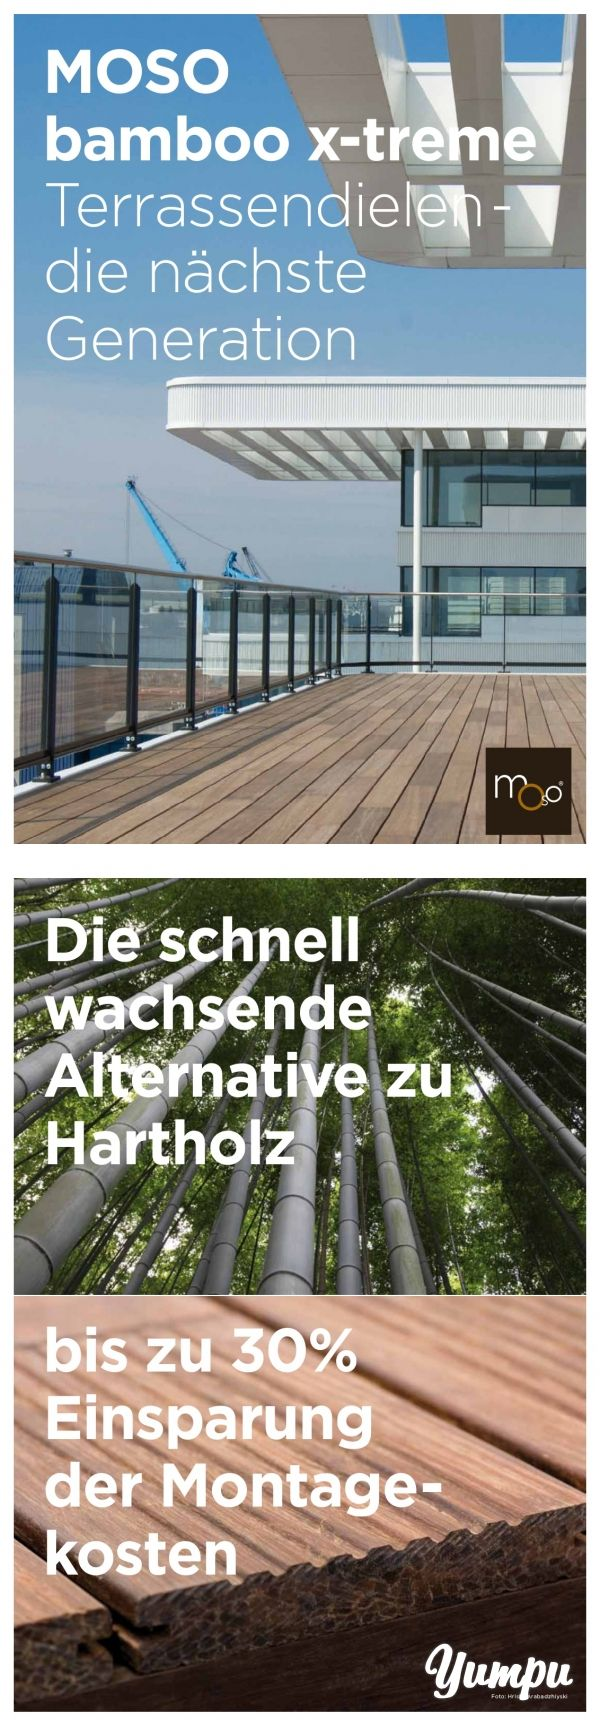 25+ Best Ideas About Terrassendielen On Pinterest | Holzterasse ... Bankirai Terrasse Verlegen Vorteile